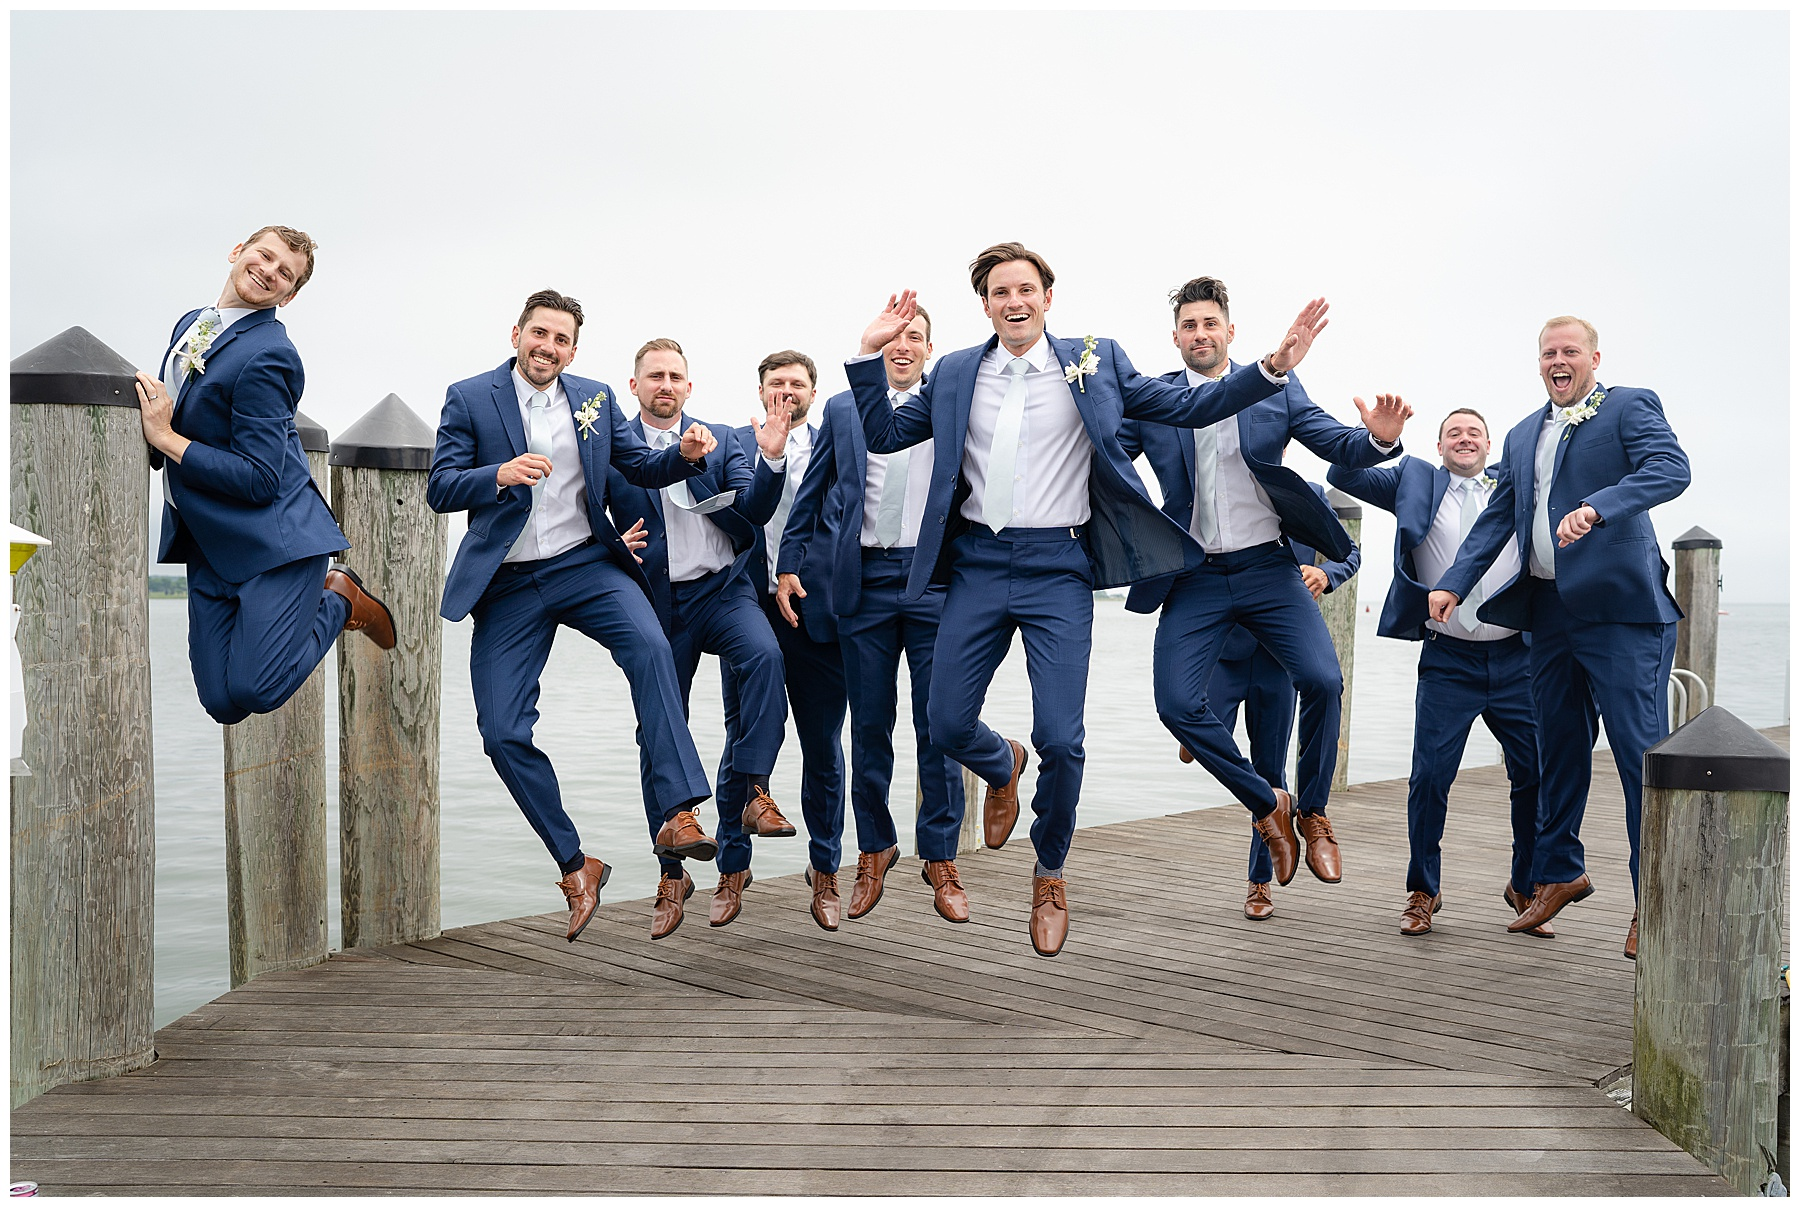 fun groomsmen photo jumping